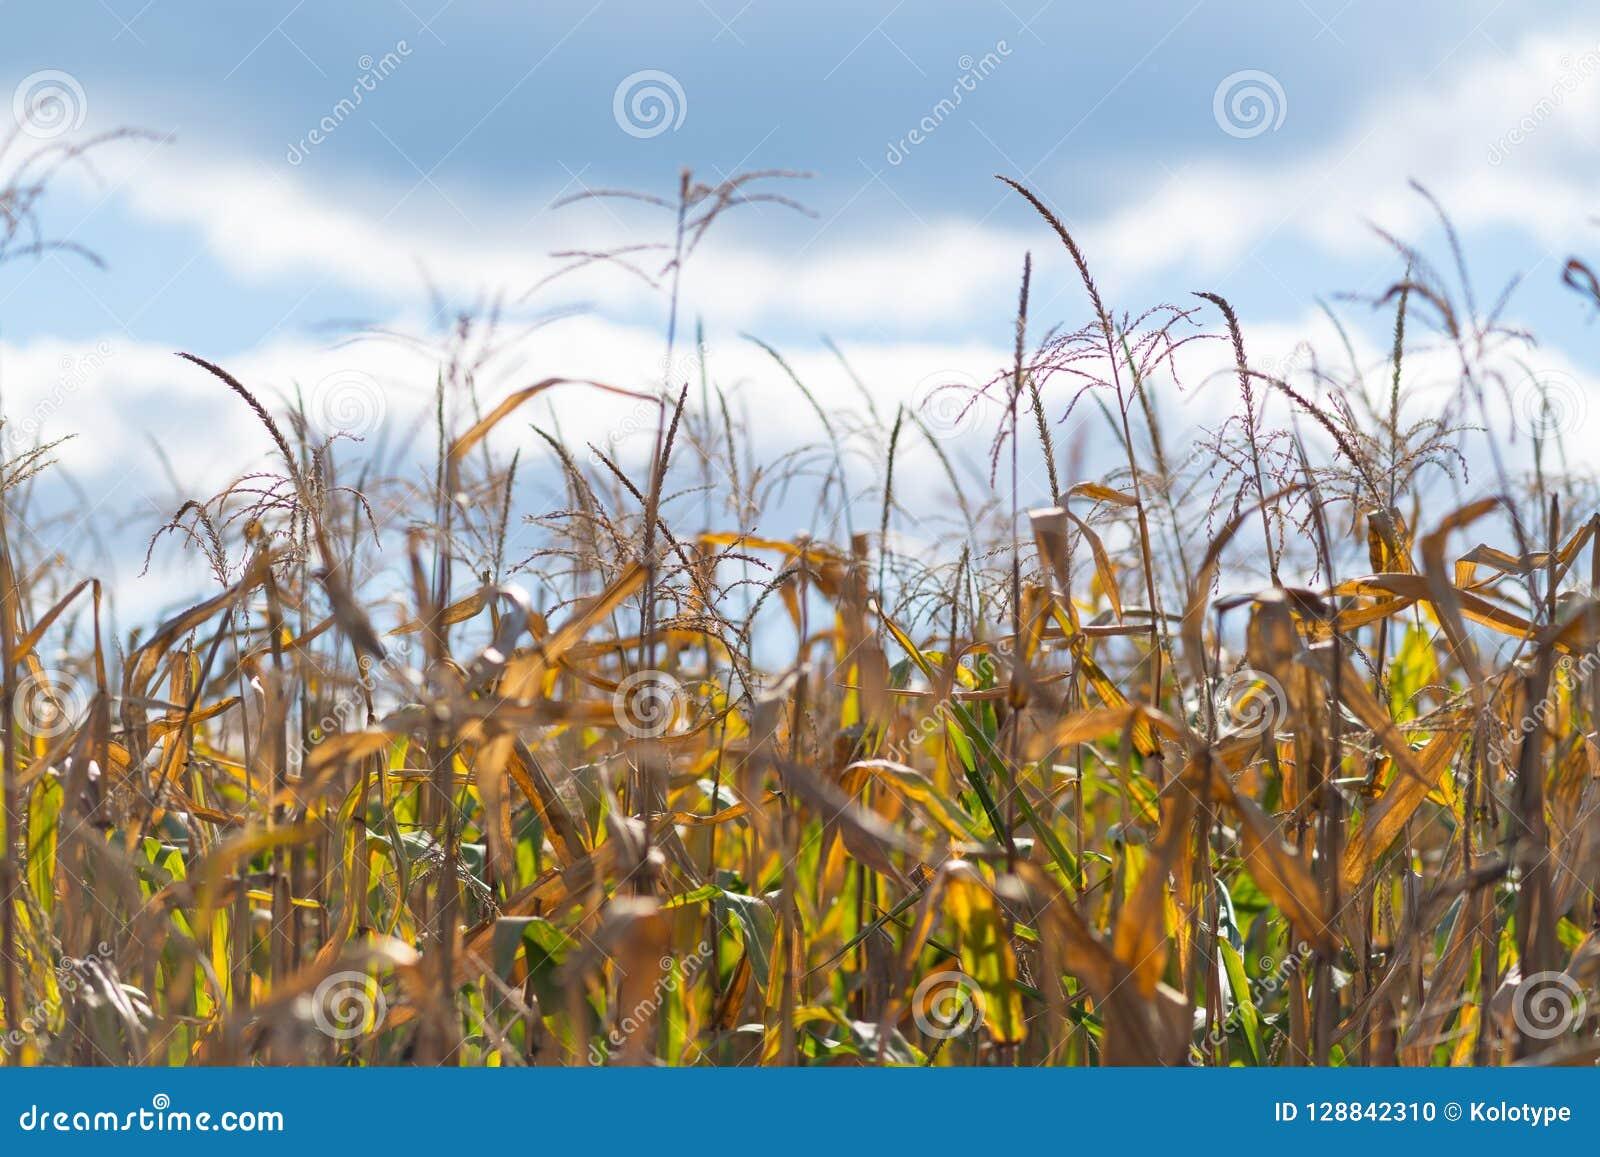 Стержни кукурузного початка суша на заводе в поле